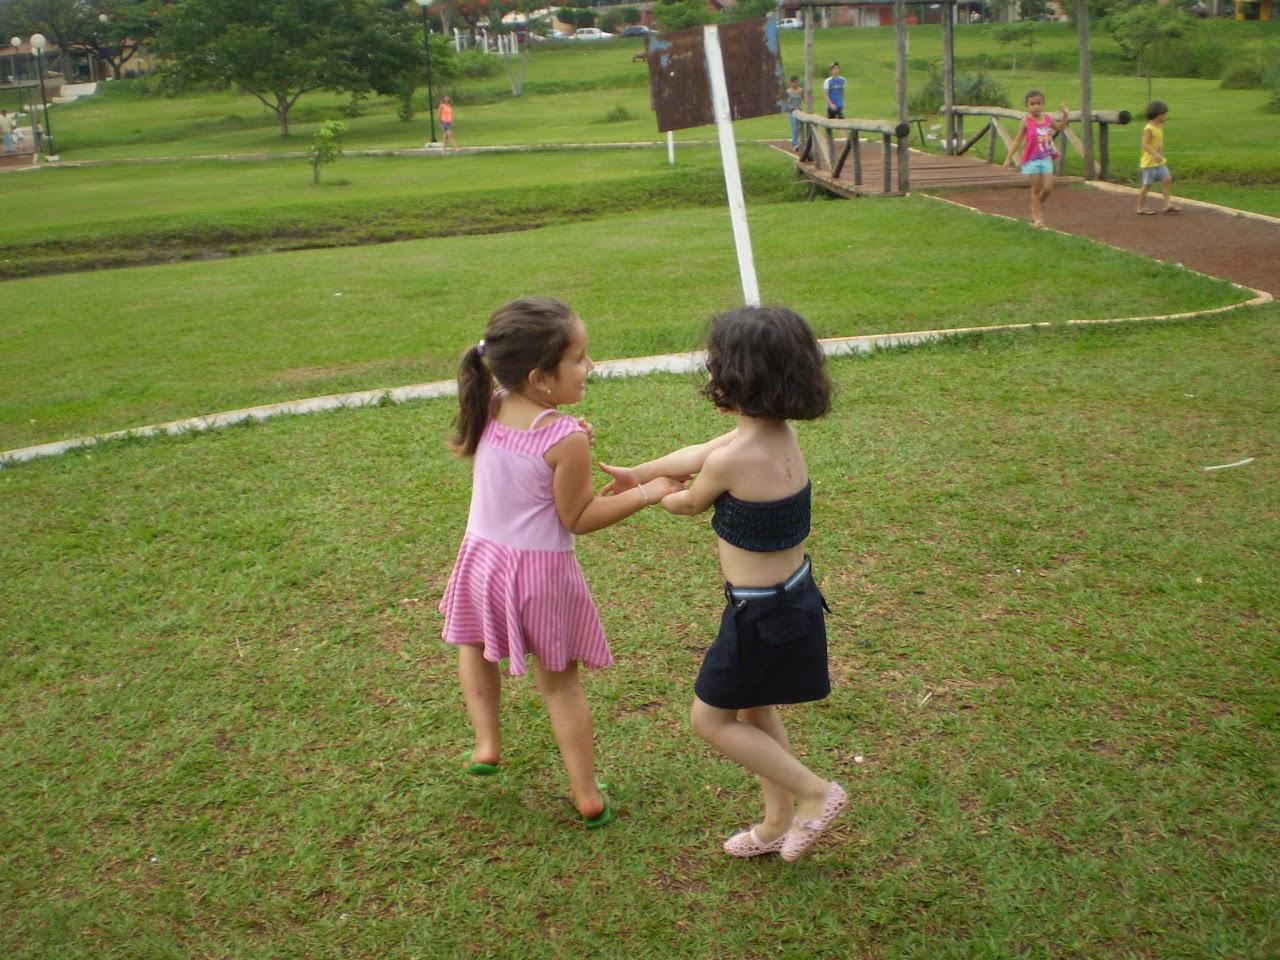 Atividades diversas de 2010 Parque Antenor Martins - Um pouco de tudo!!! - atvd-grupo-12-11-2010 037.JPG